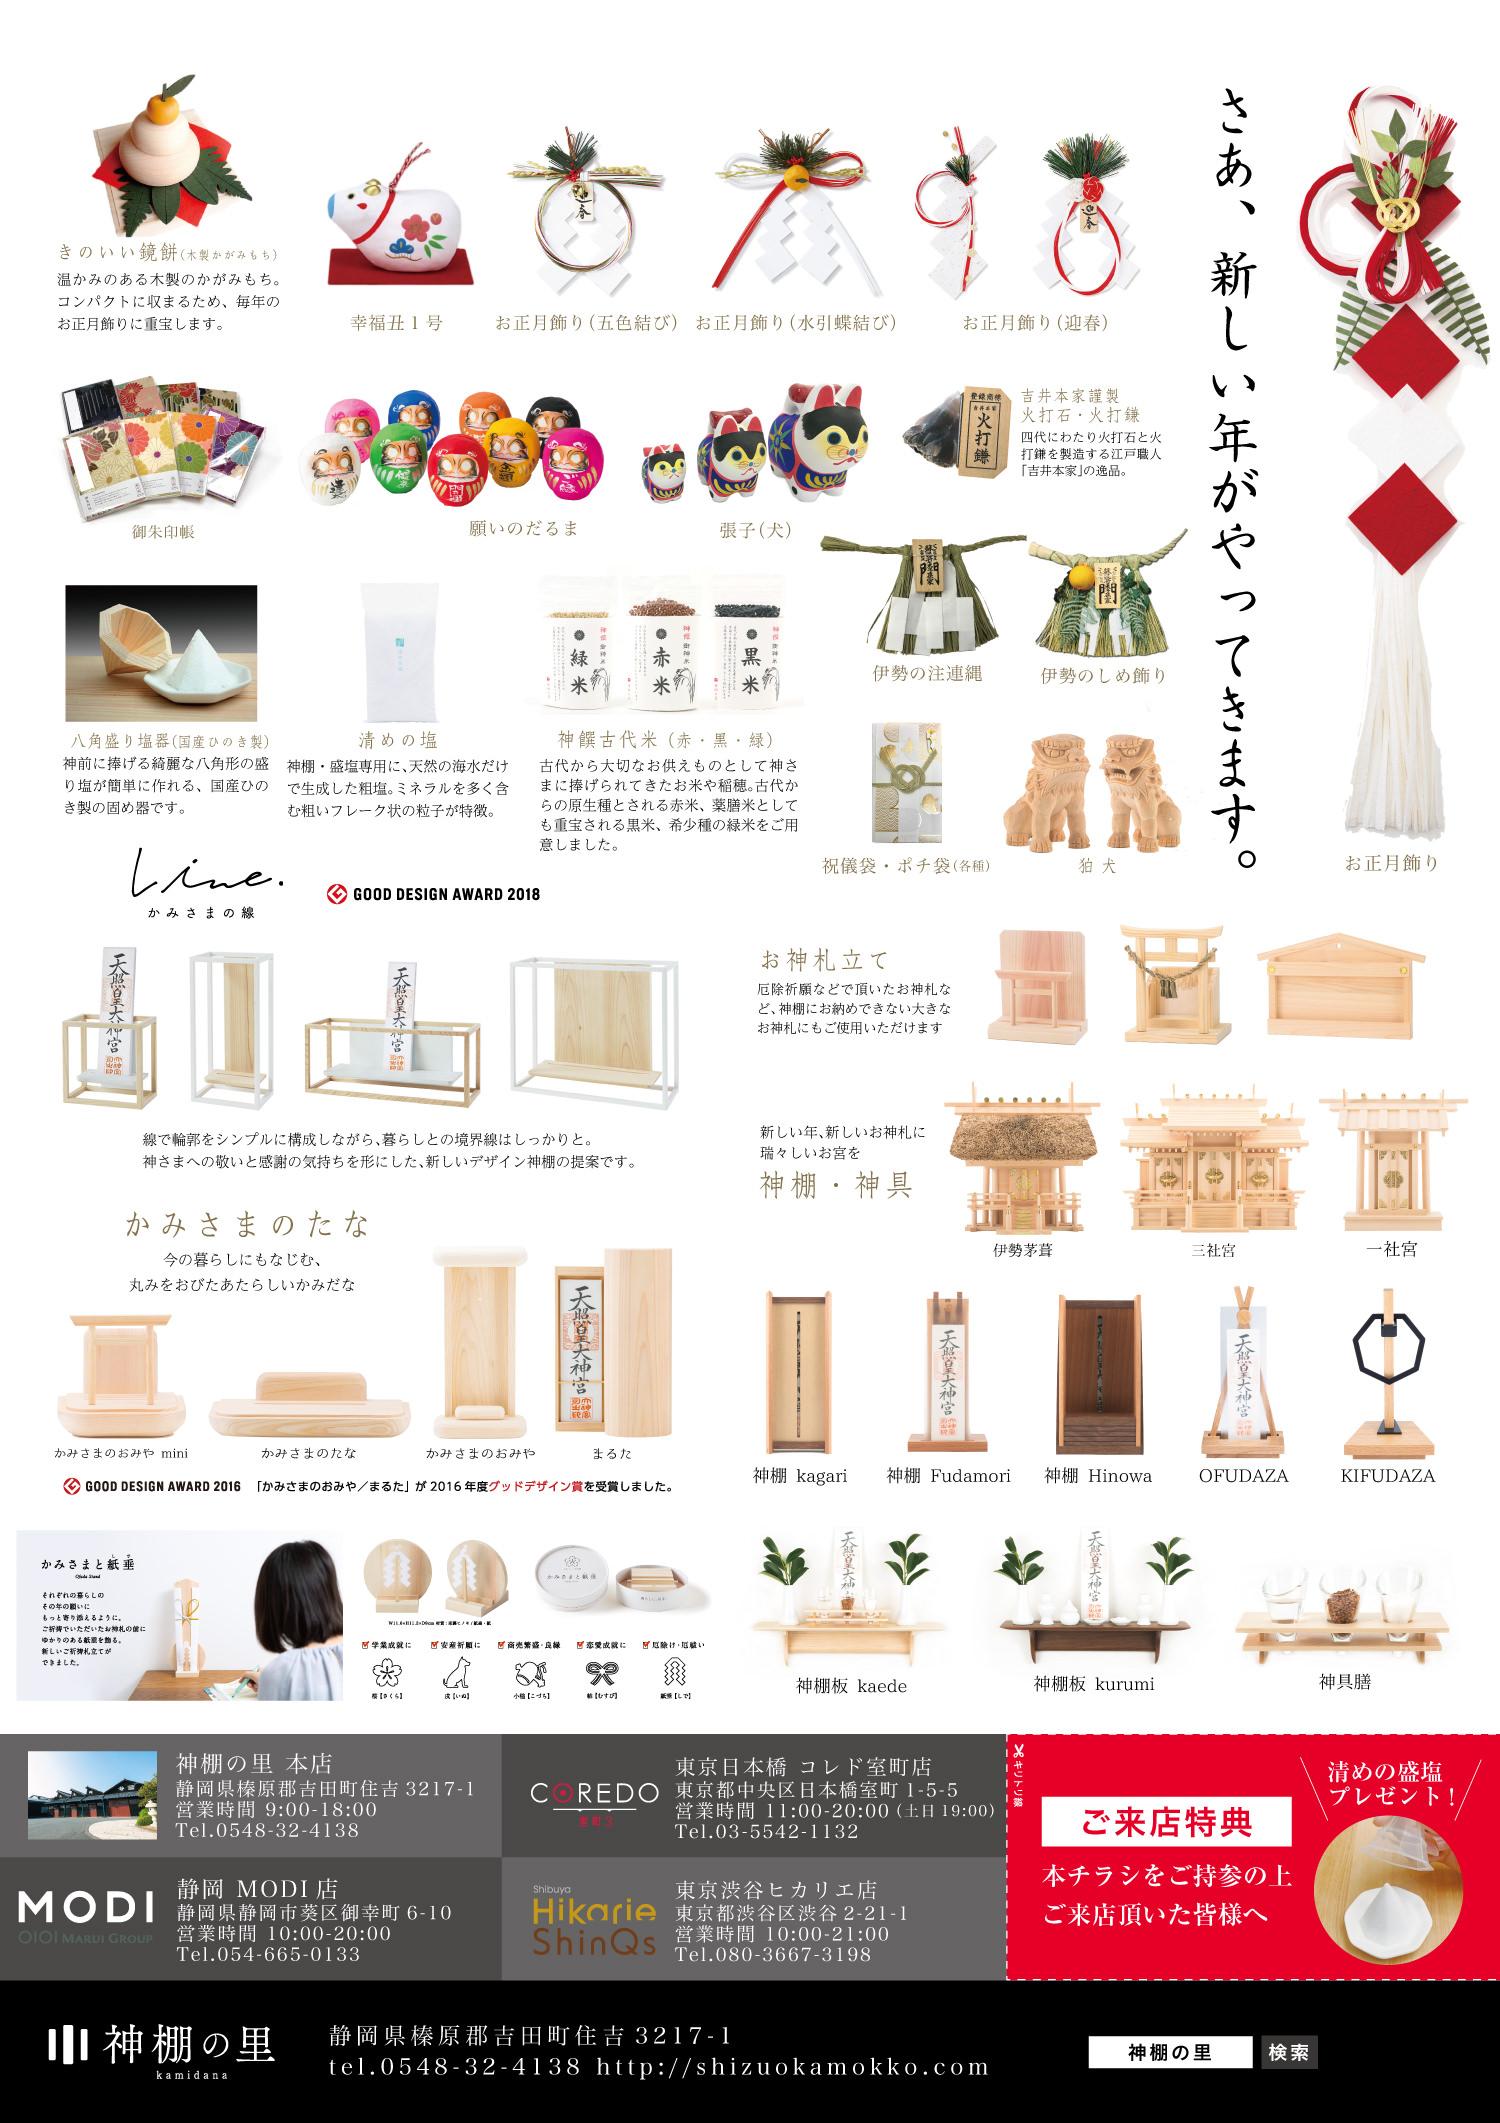 関東 神棚 店舗